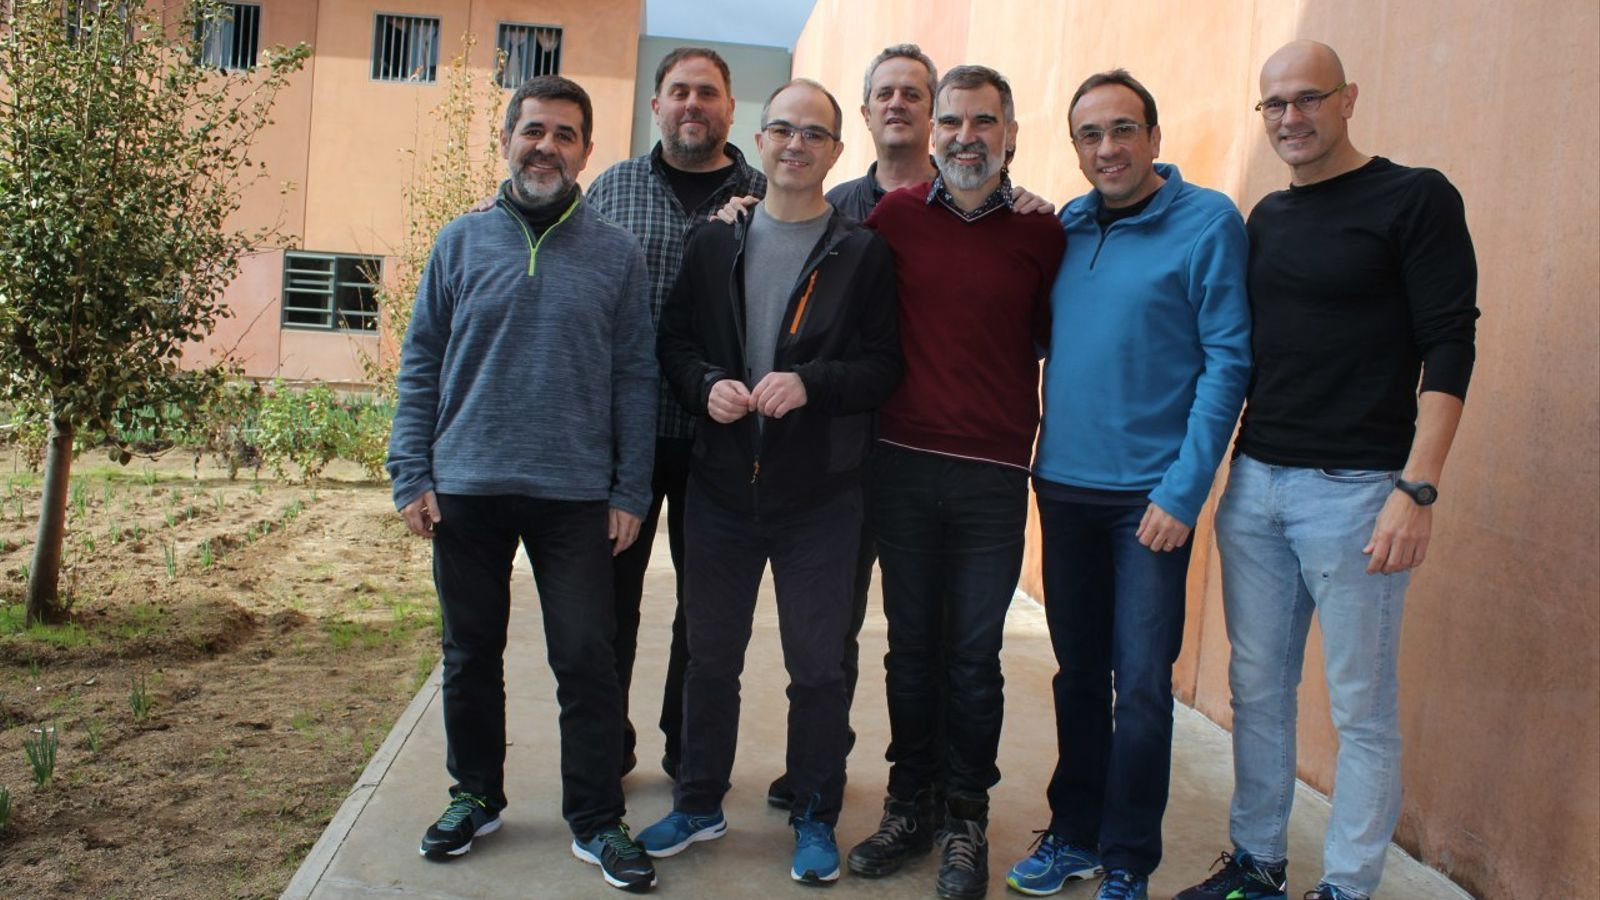 Jordi Sànchez, Oriol Junqueras, Jordi Turull, Joaquim Forn, Jordi Cuixart, Josep Rull i Raül Romeva, en la primera foto difosa des que són empresonats a Lledoners